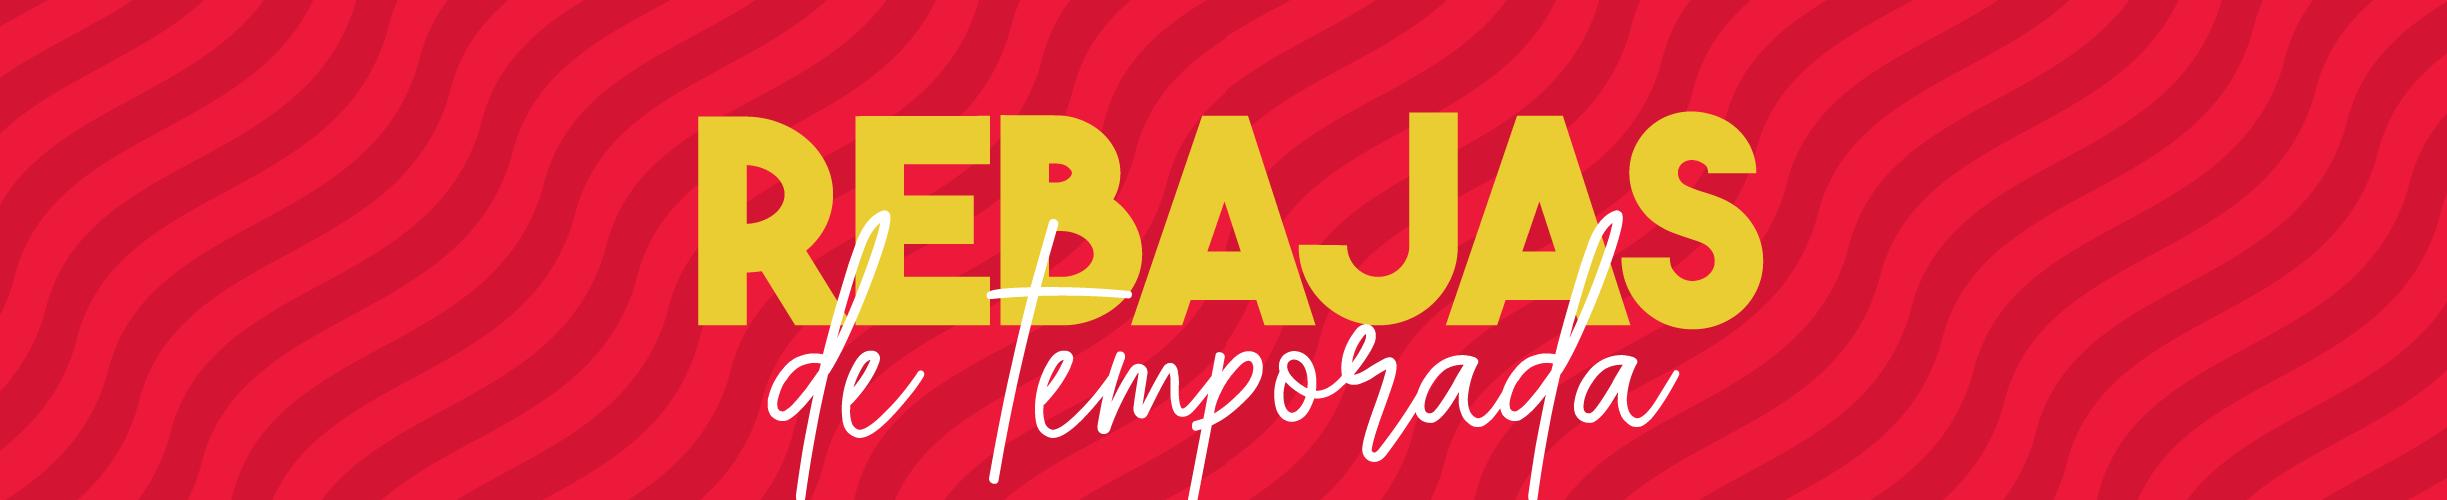 BannerTerminos-Rebajas.png